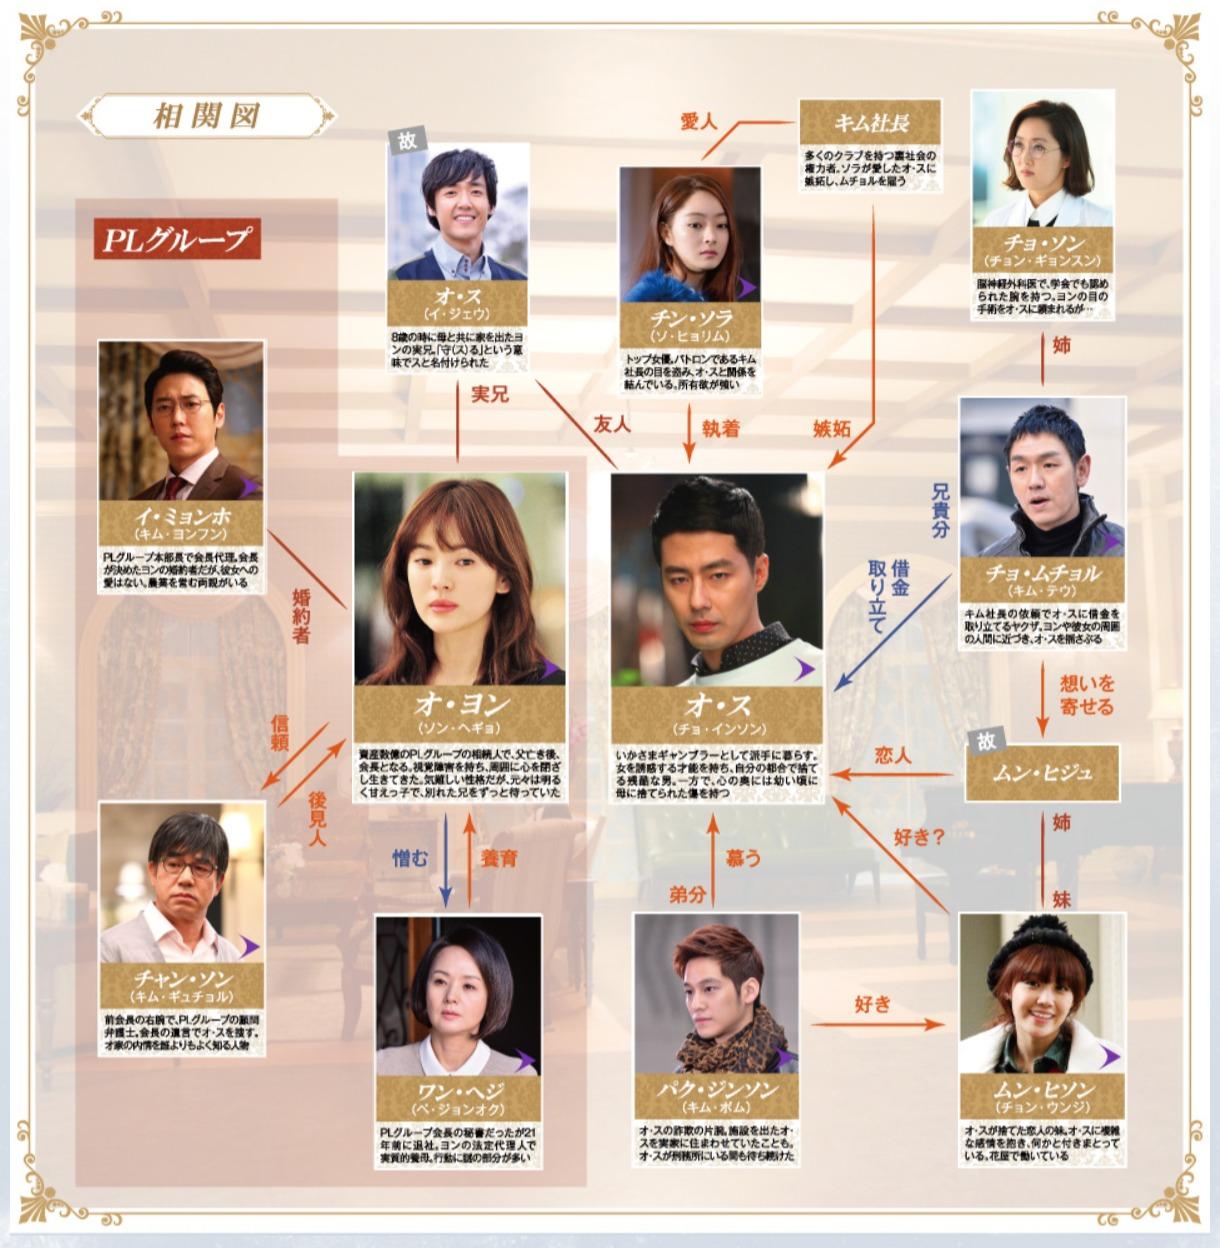 韓国ドラマ『その冬、風が吹く』登場人物相関図(関係図)